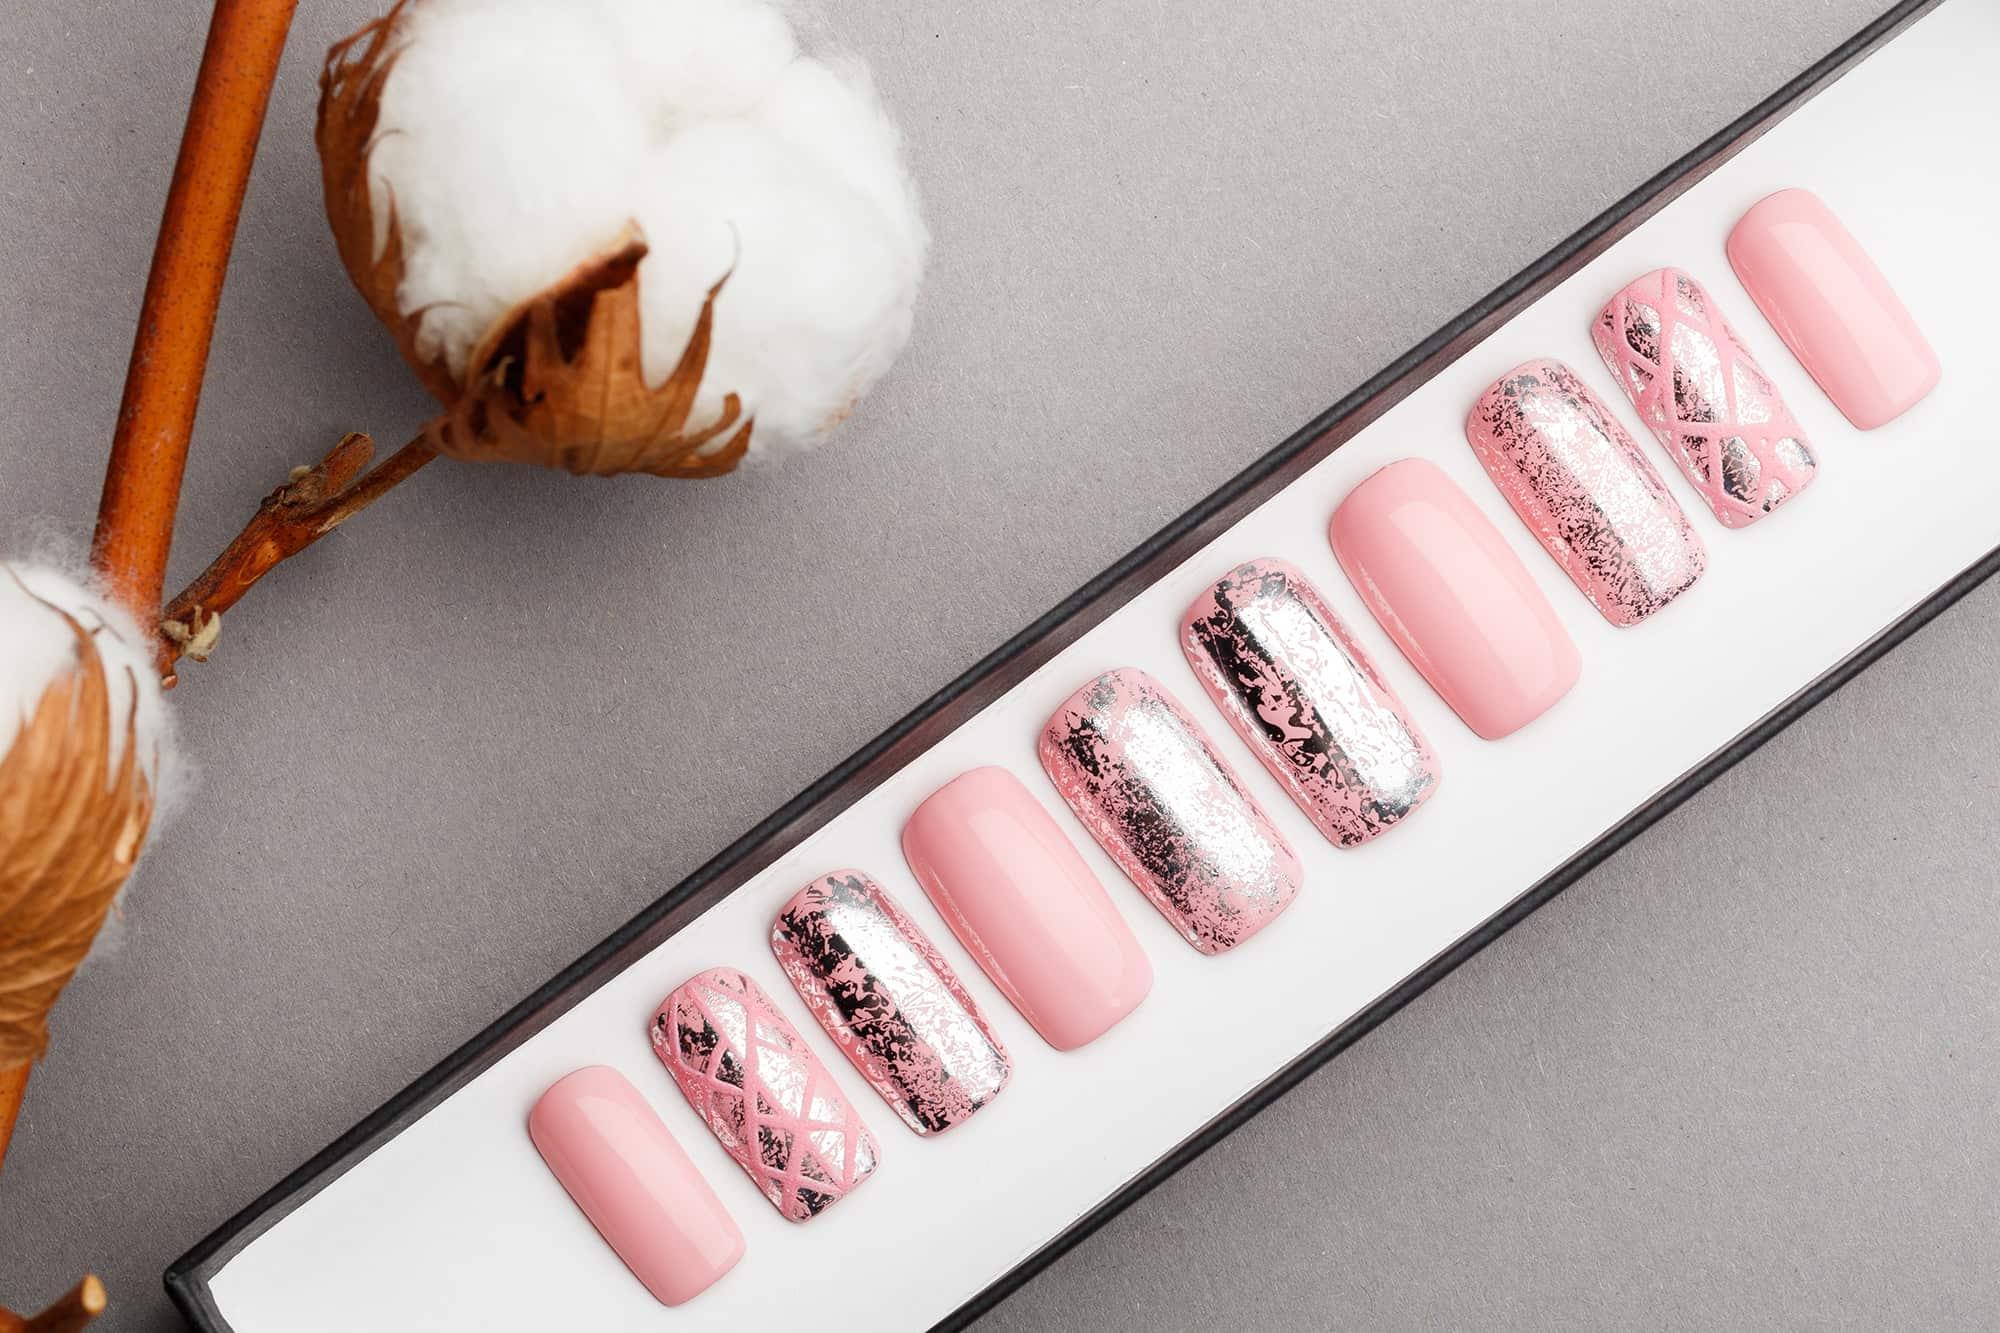 Pink Press on Nails with Silver Foil | Handpainted Nail Art | Fake Nails | False Nails